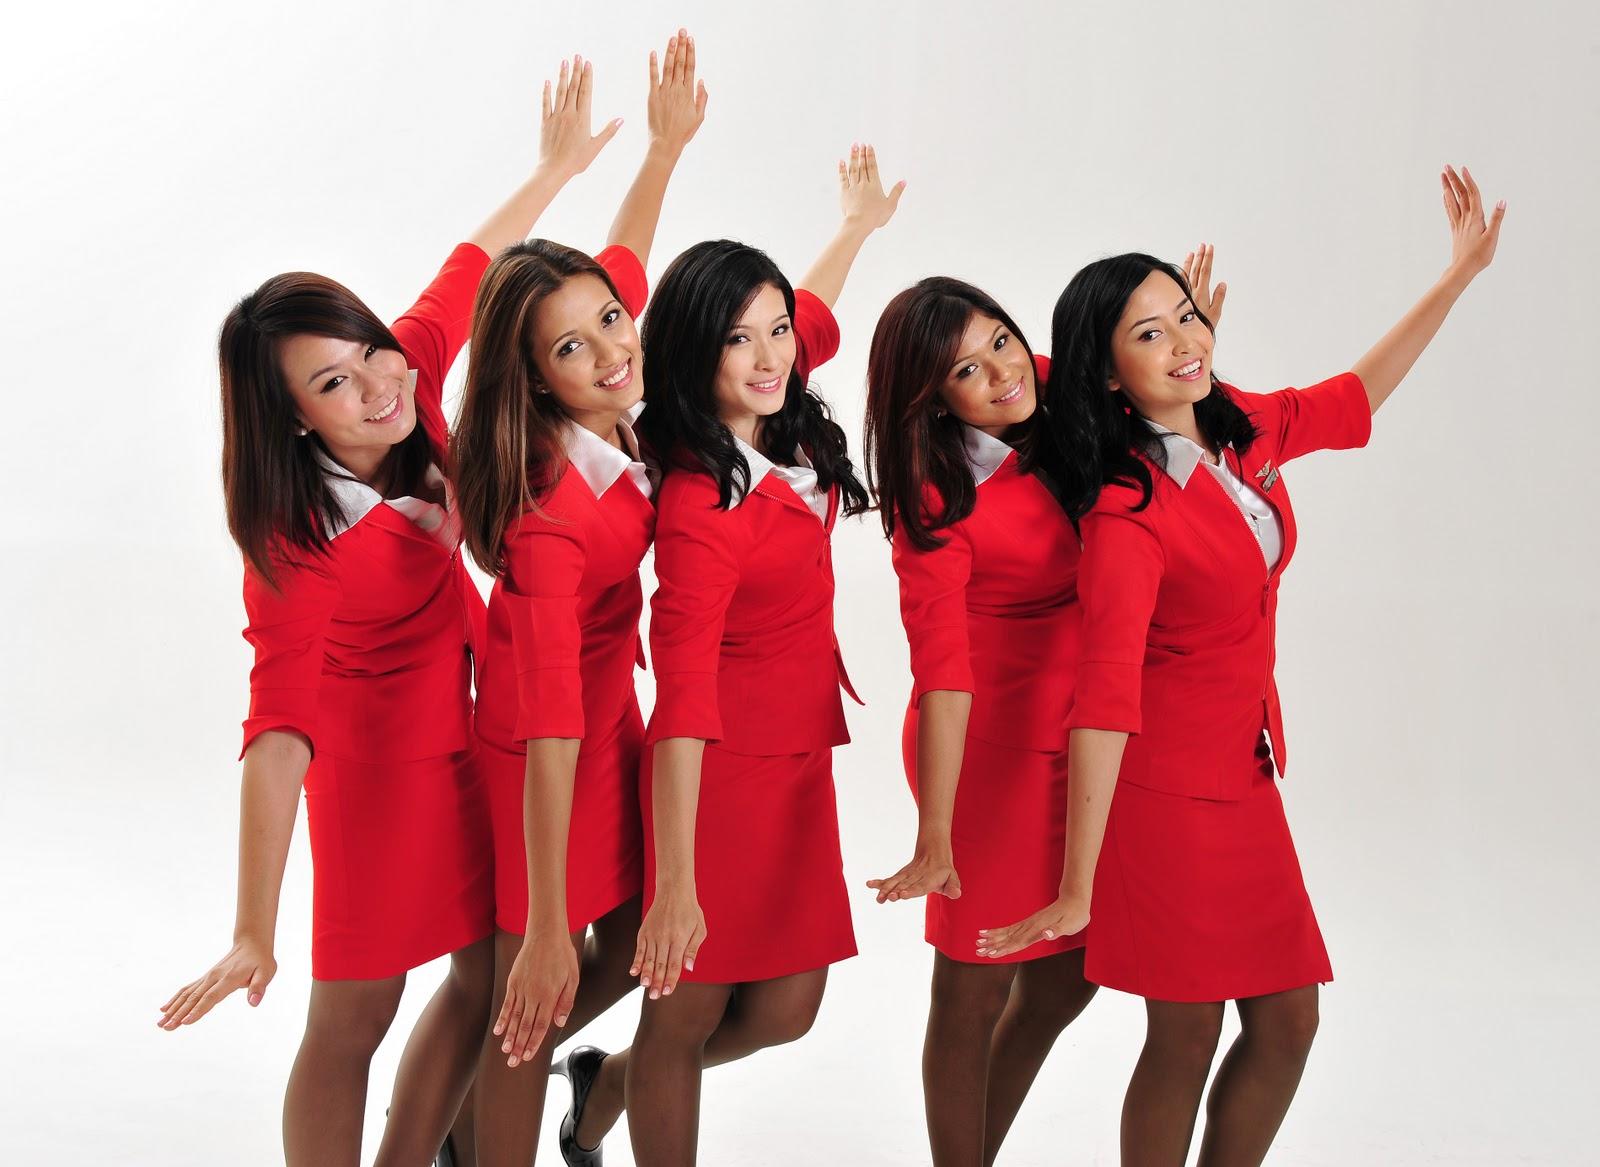 Фото брюнетки стюардессы 18 фотография